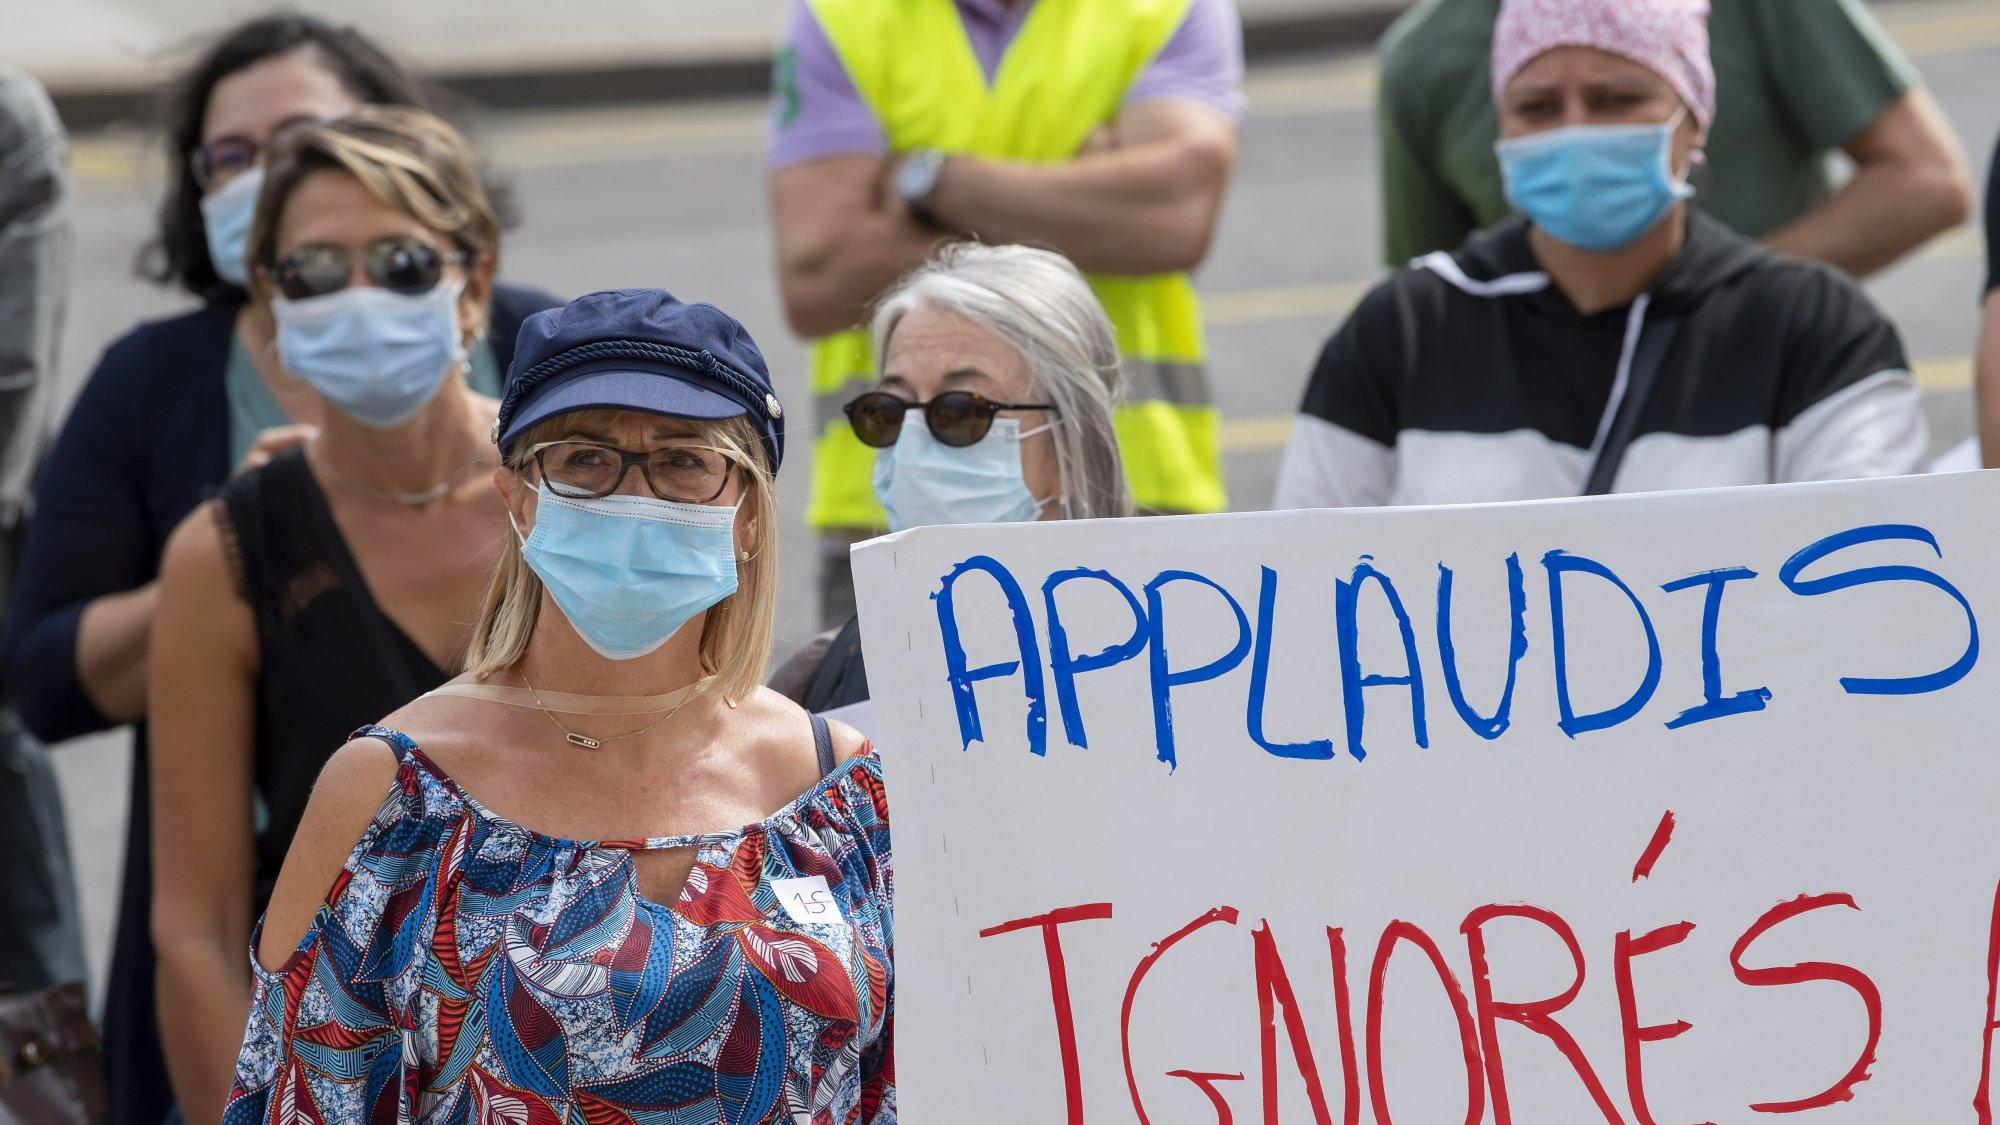 Manifestation publique de soutiens aux infirmieres des blocs operatoires des Hopitaux Universitaires de Geneve (HUG), le 19 septembre 2020 à Genève.